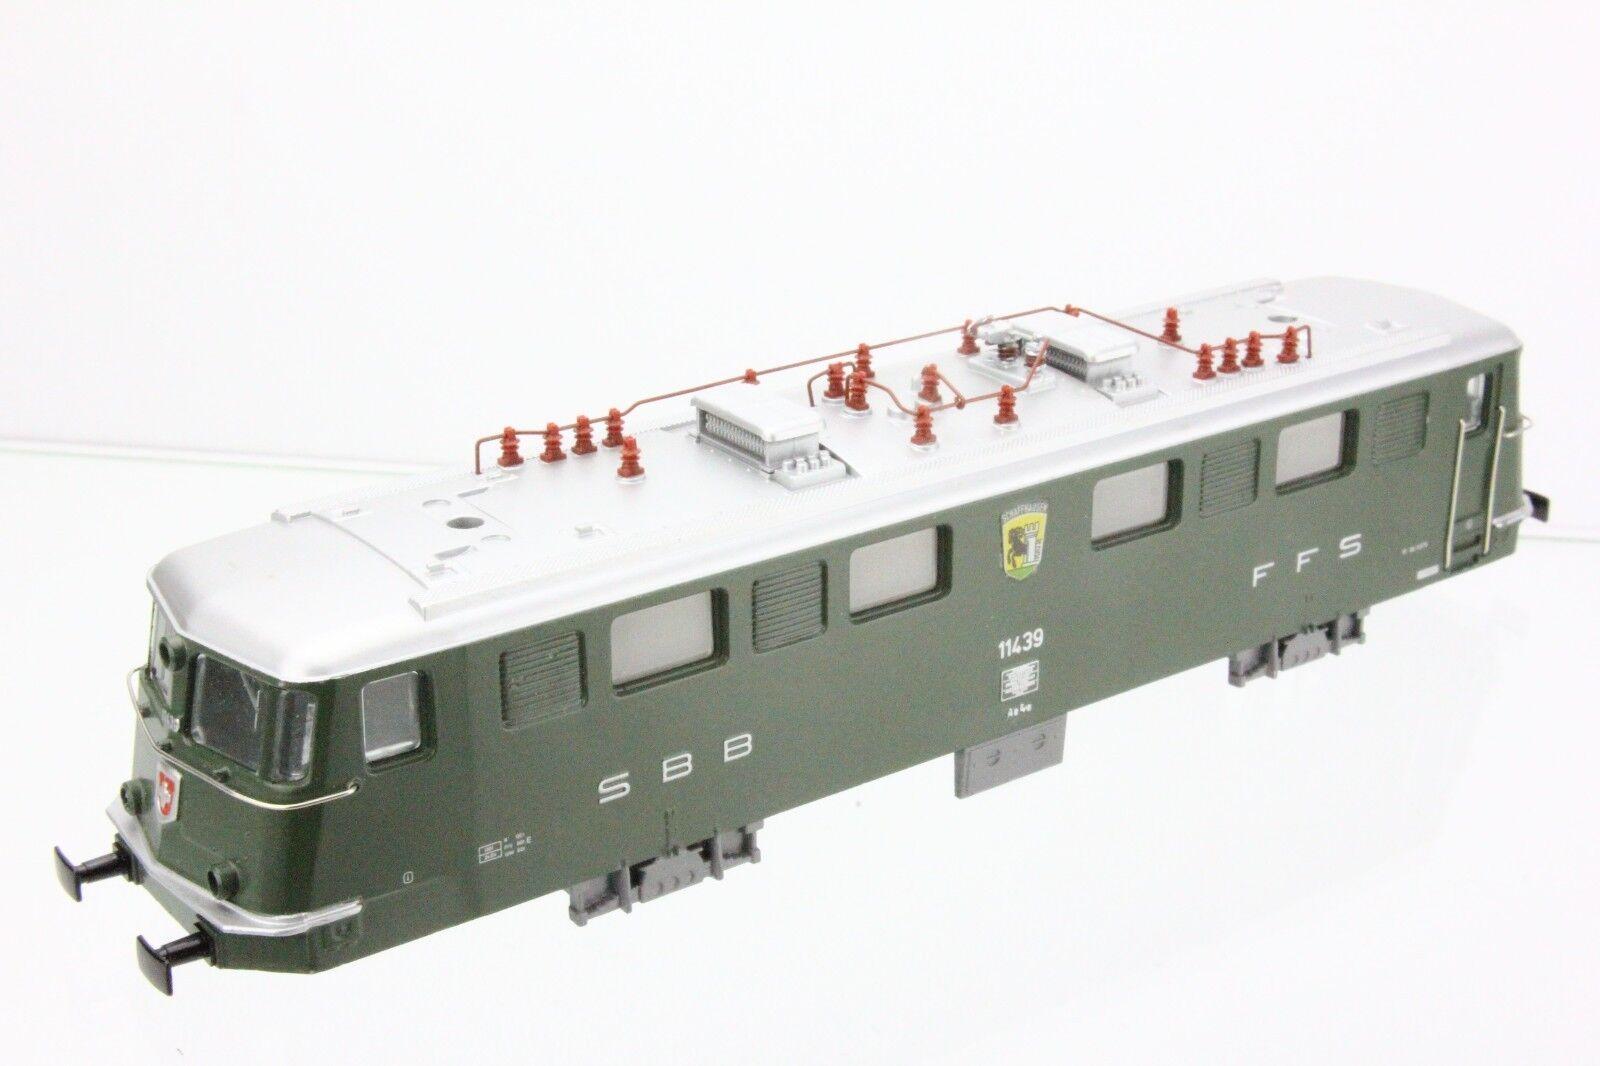 Märklin 252000 Gehäuse für 3350 E-Lok SBB Ae 6 6 BR 114 39  Schaffhausen